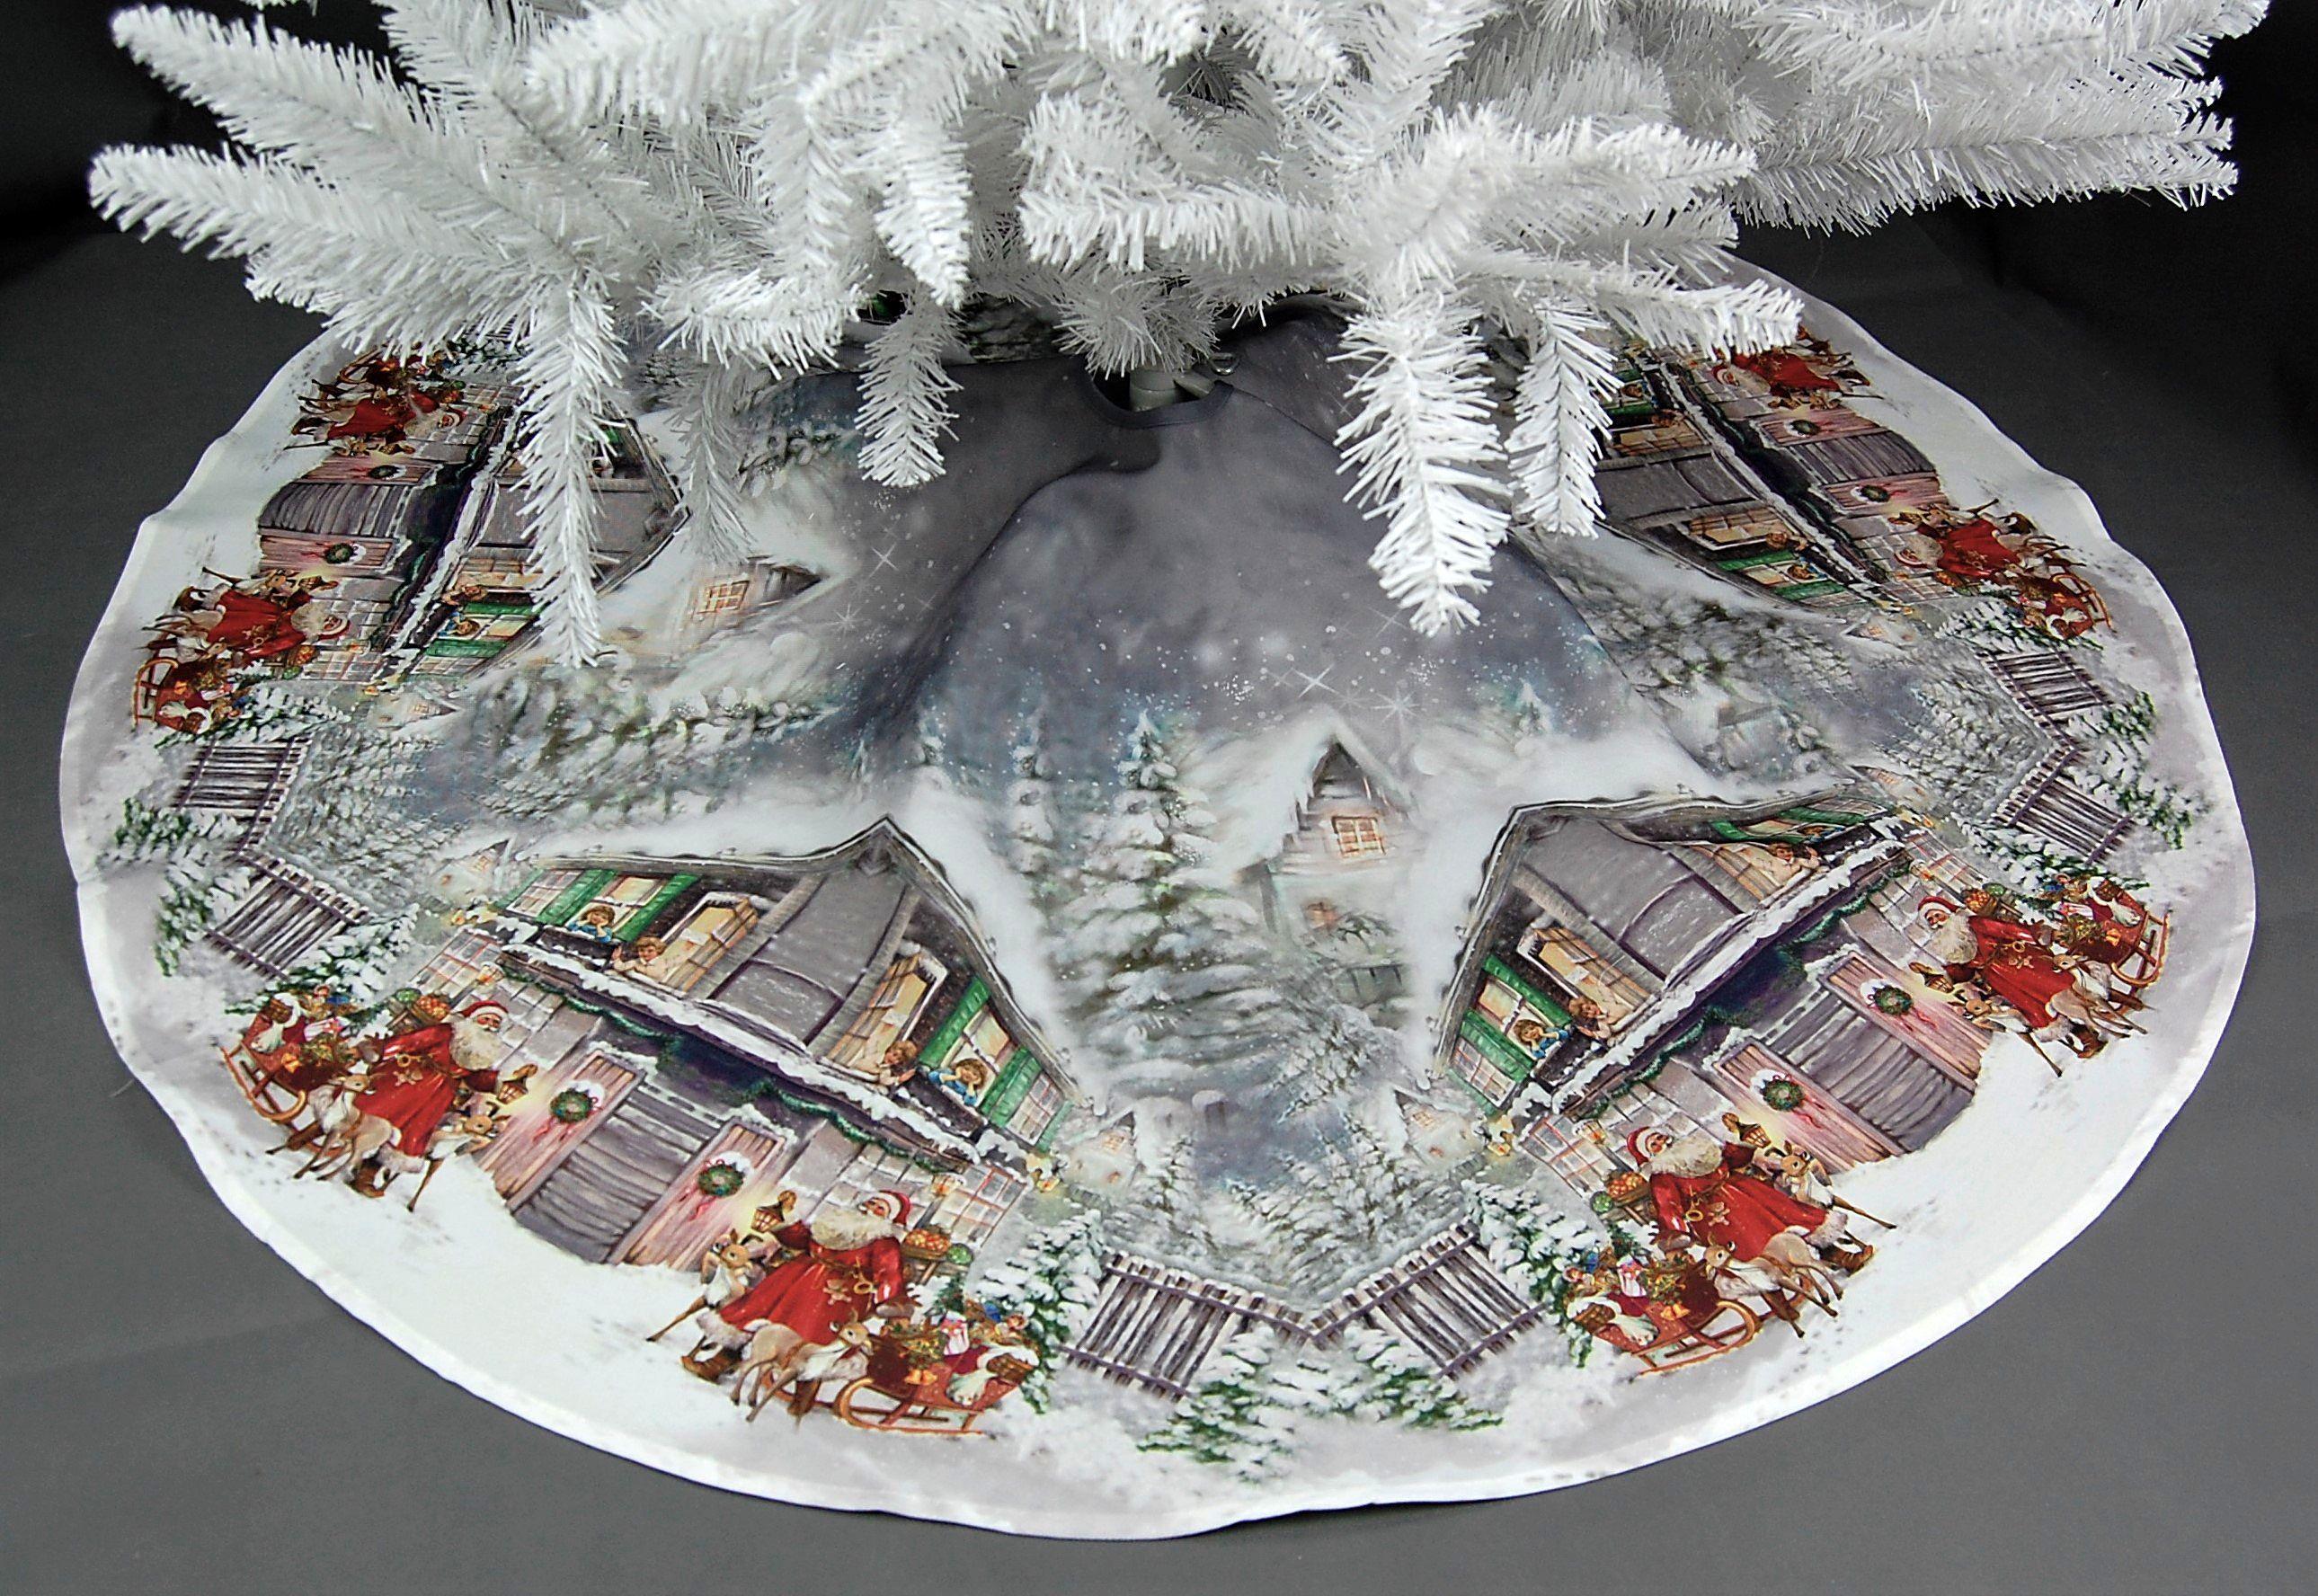 Baumdecke-Weihnachtsbaumdecke-Christbaumdecke-Baumschuerze-Schutzdecke-Santa-Bunt